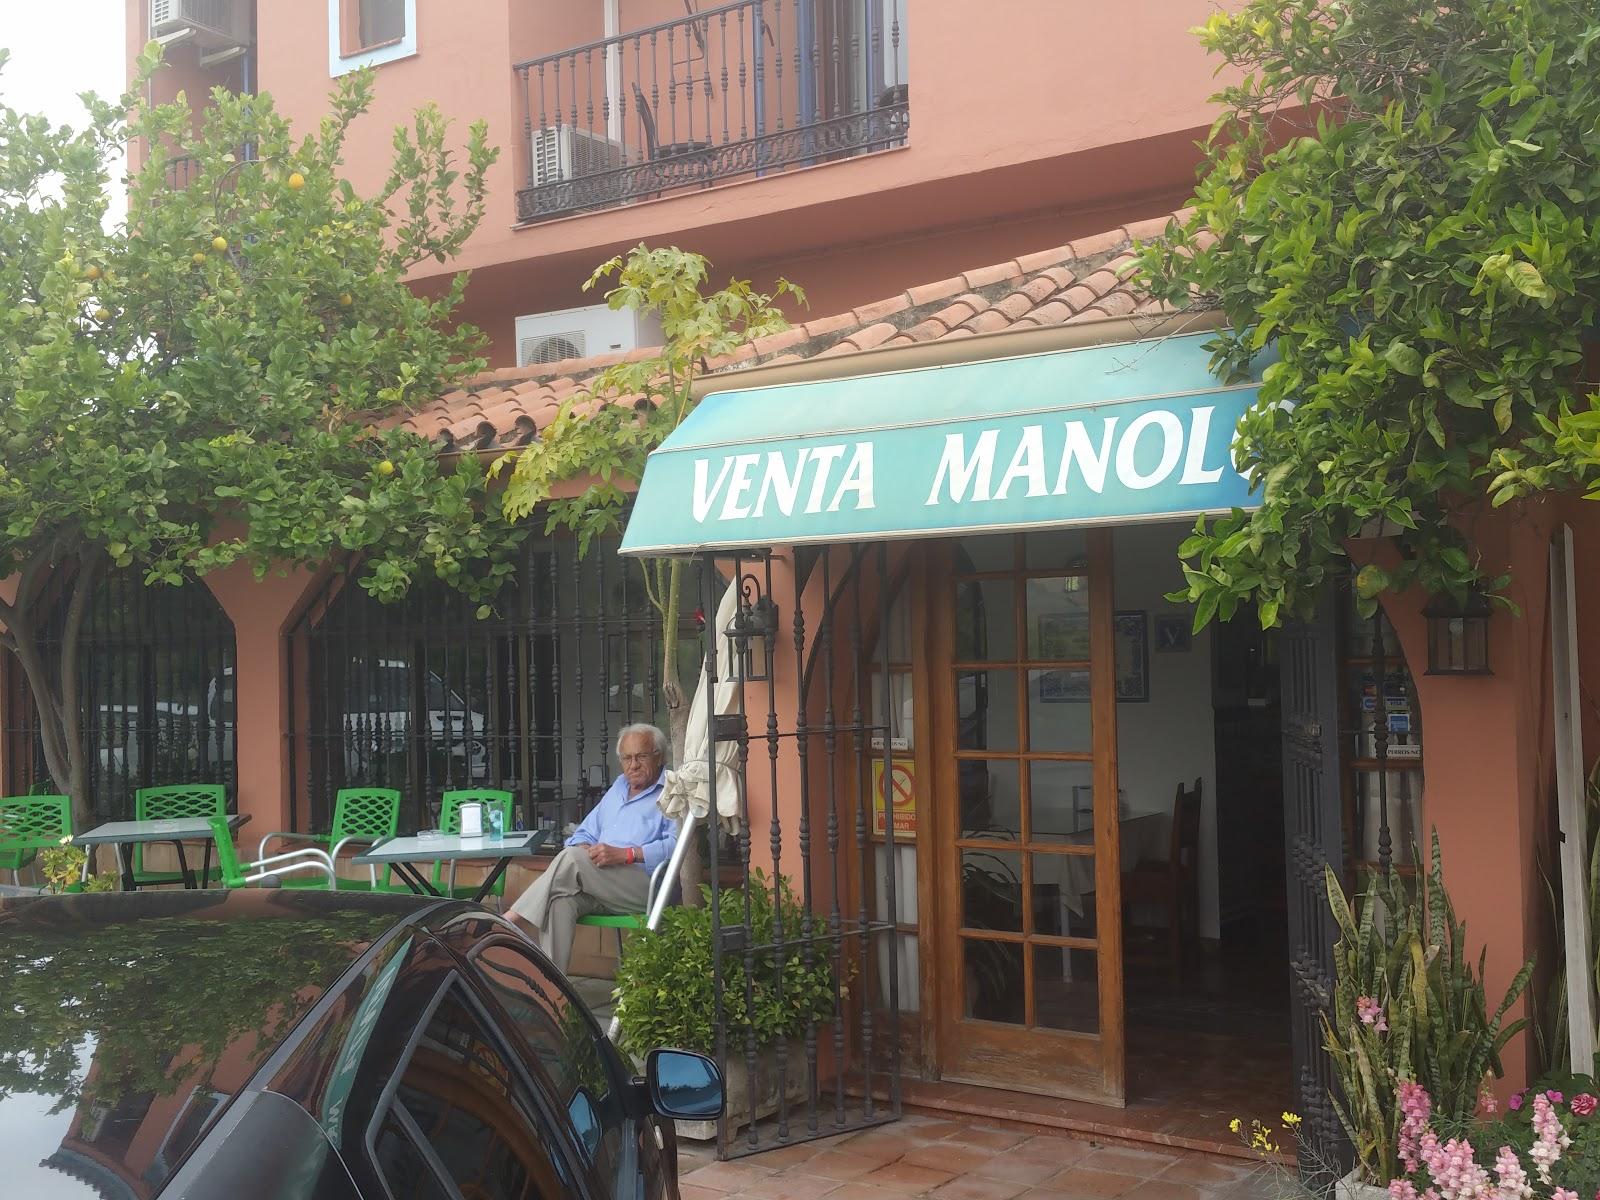 Venta Manolo